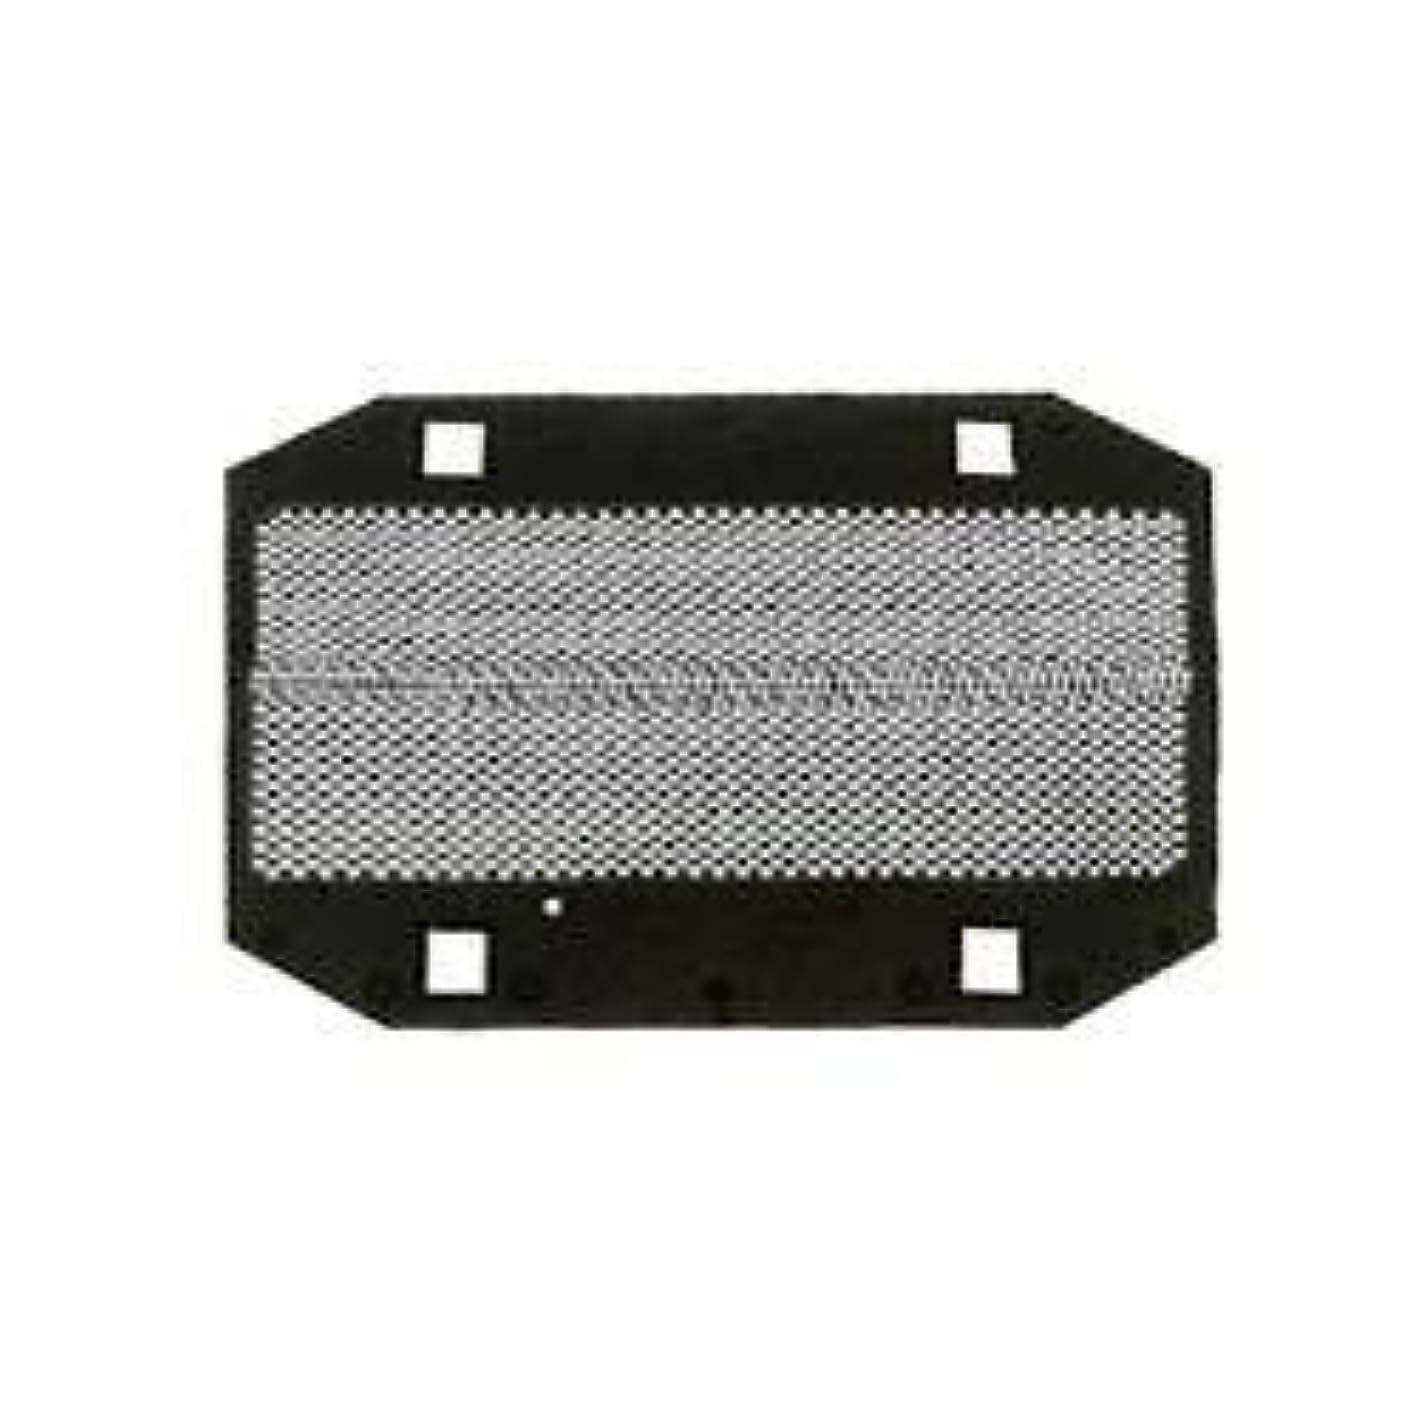 うん食い違い責めパナソニック 替刃 メンズシェーバー用 外刃 ES9981